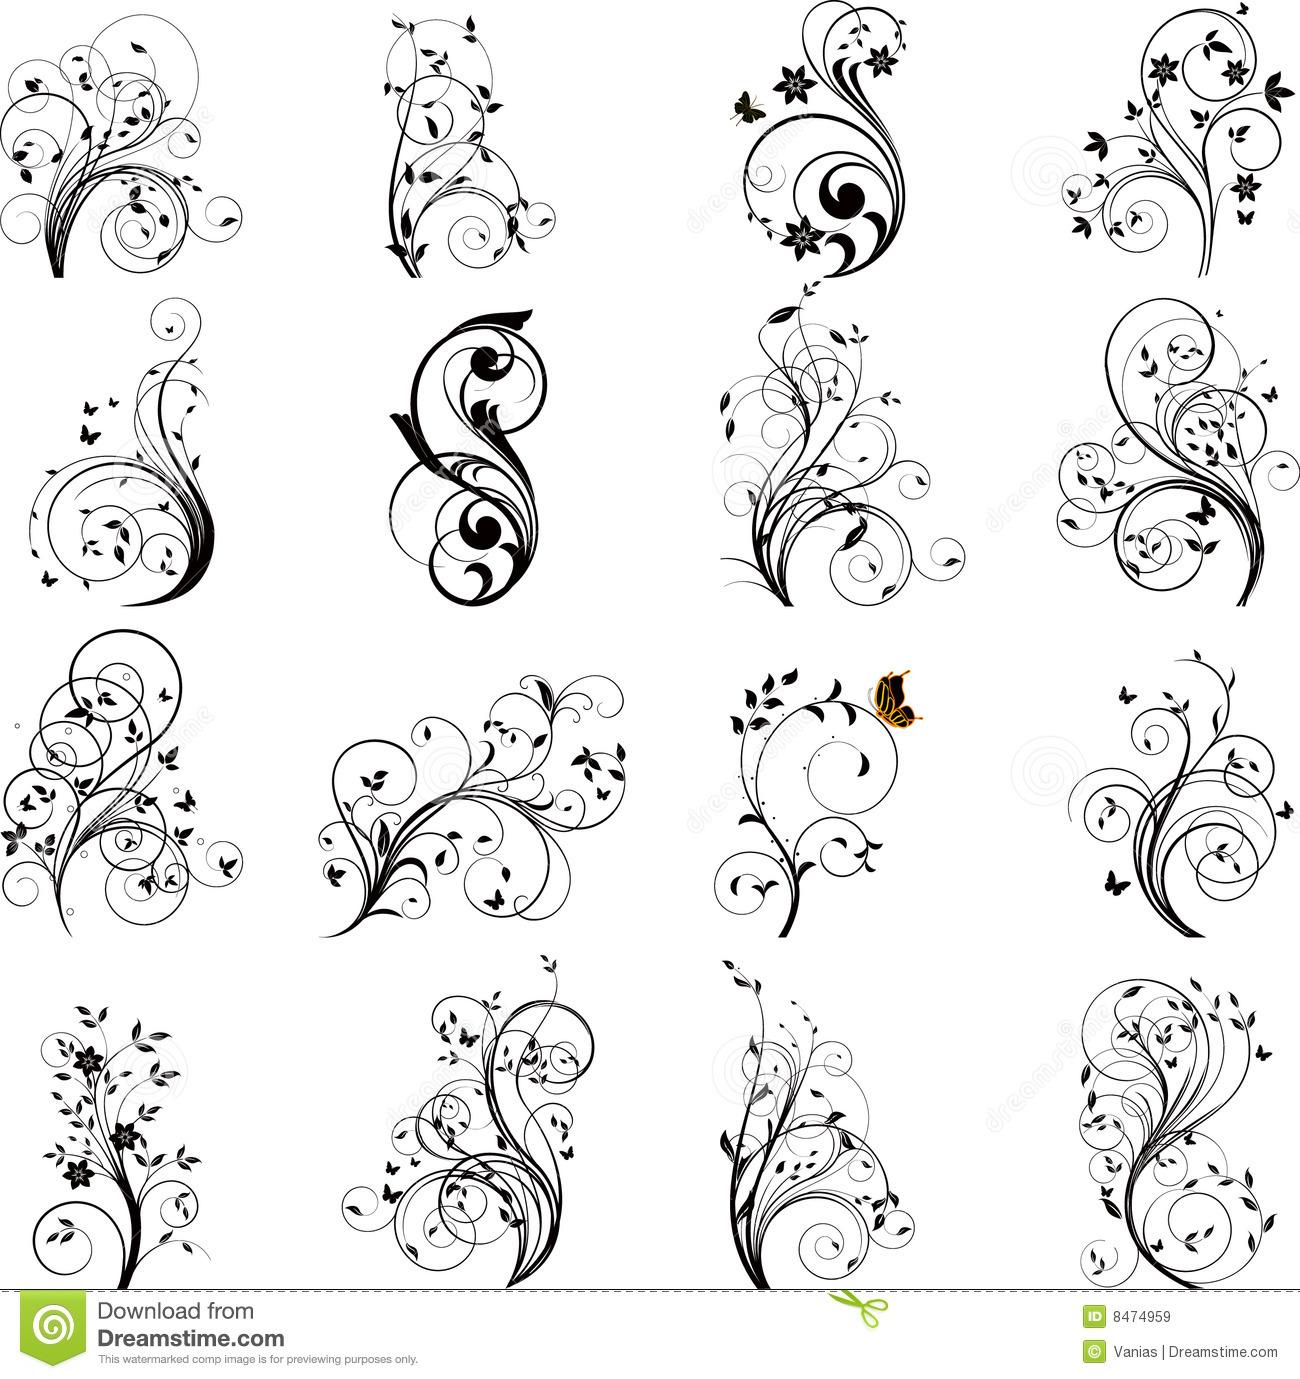 Free floral images download svg download Set Of Floral Elements Vector Royalty Free Stock Images - Image ... svg download